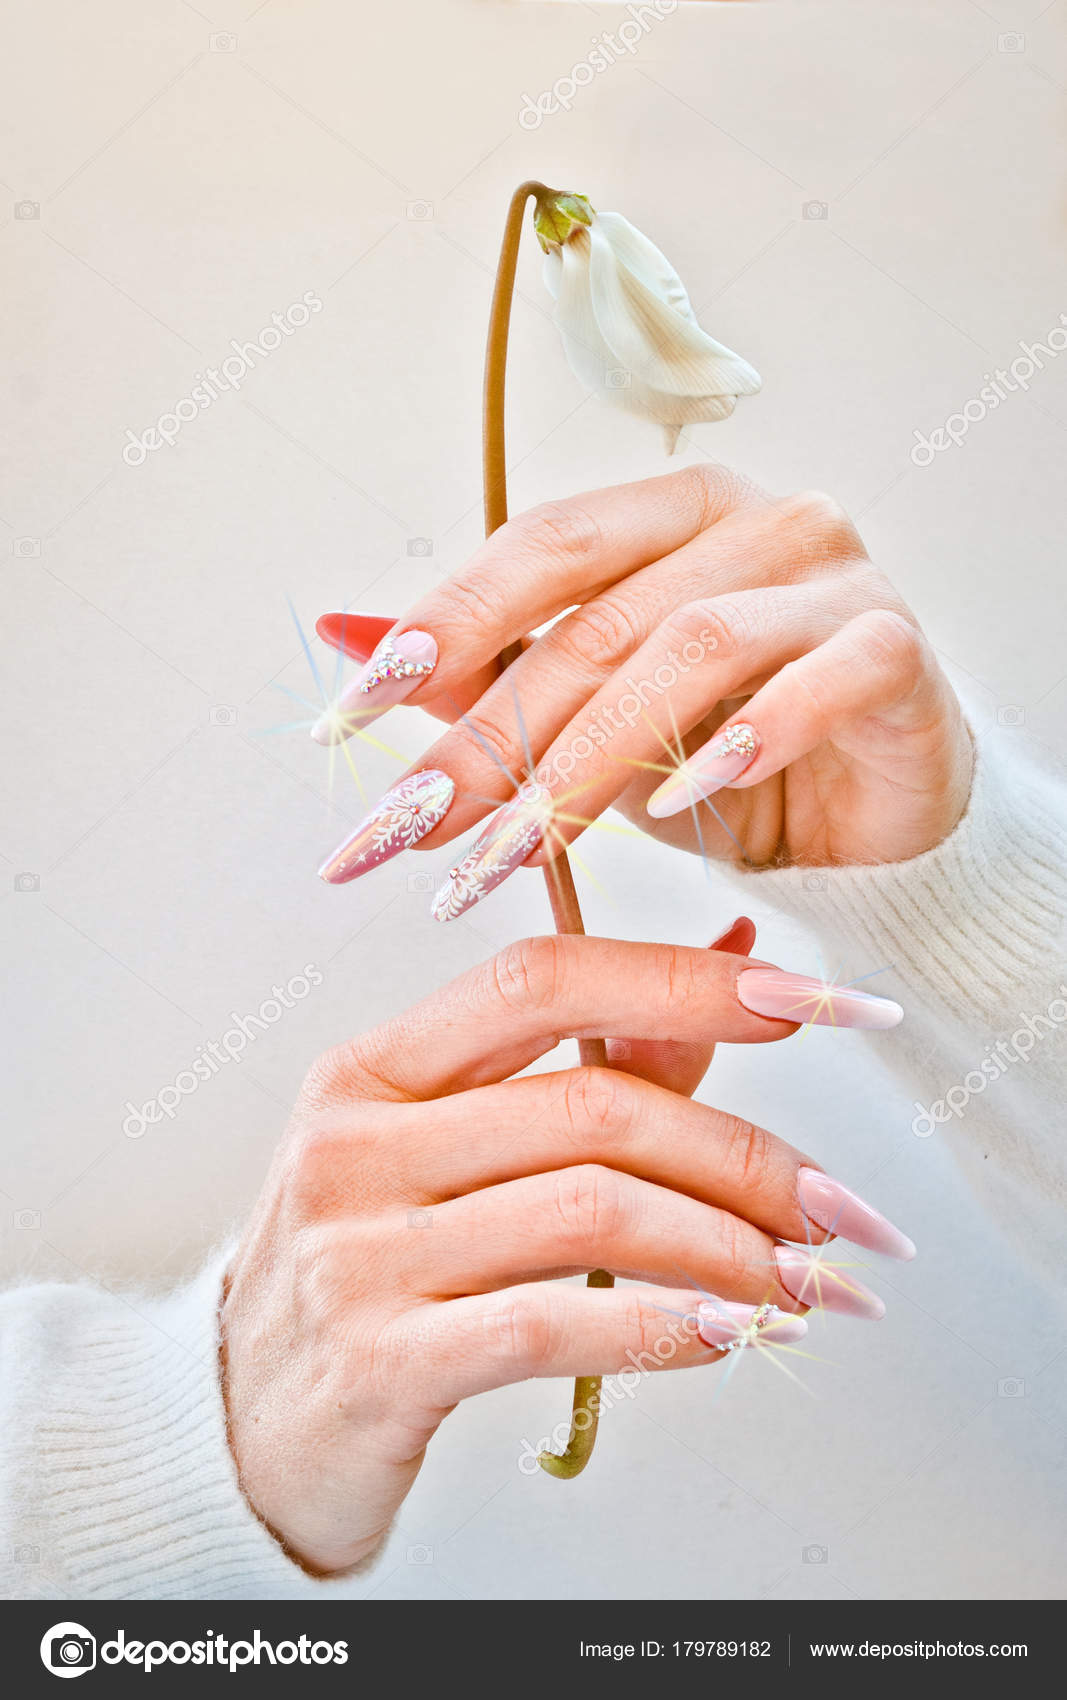 Manos Con Unas Decoradas Con Color Rosa Y Blanco Apretar Un W